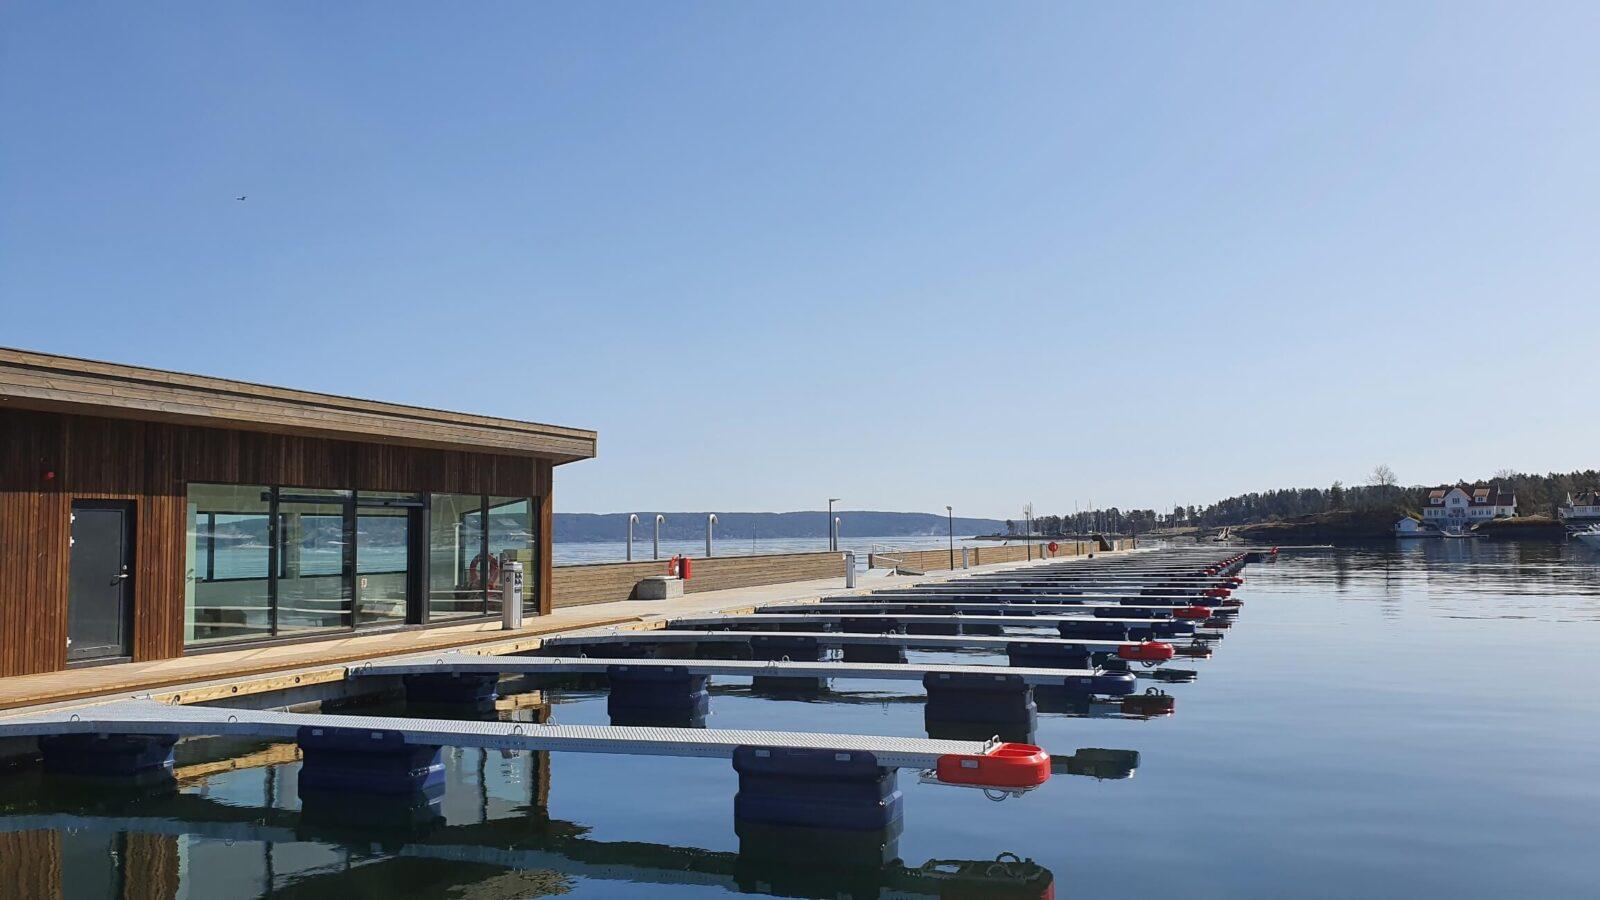 Gjestehavn Vollen Marina